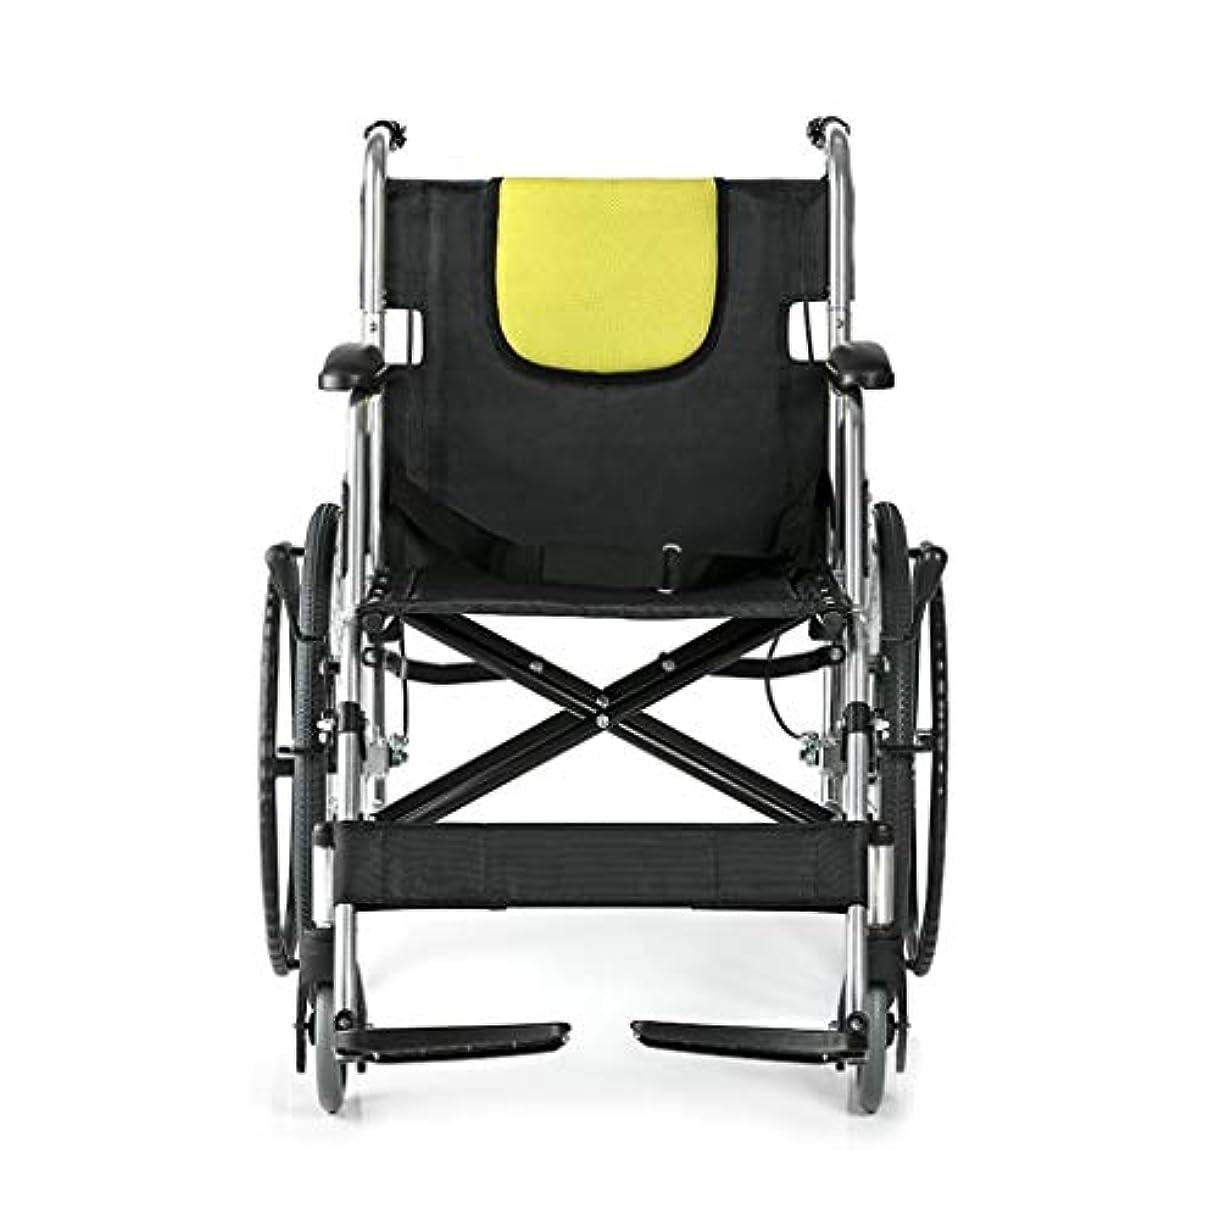 カニ暗殺者歯車椅子の老人は折り畳むことができ、障害者、高齢者、リハビリテーション患者向けの車椅子用に4つのブレーキが設計されています